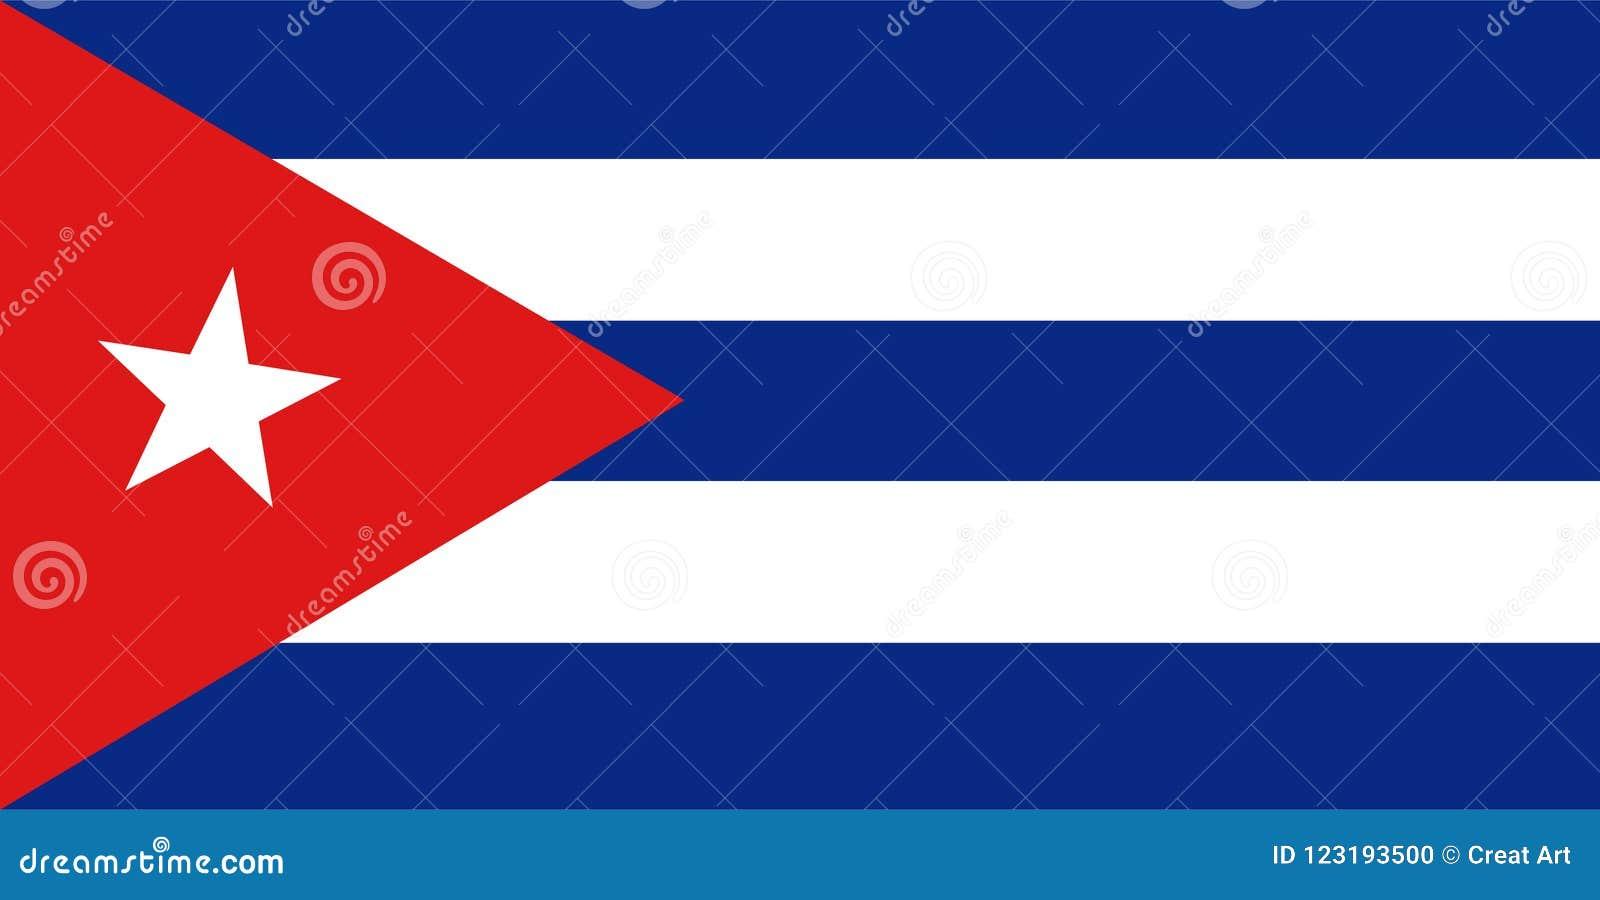 Διάνυσμα σημαιών της Κούβας Απεικόνιση της σημαίας της Κούβας